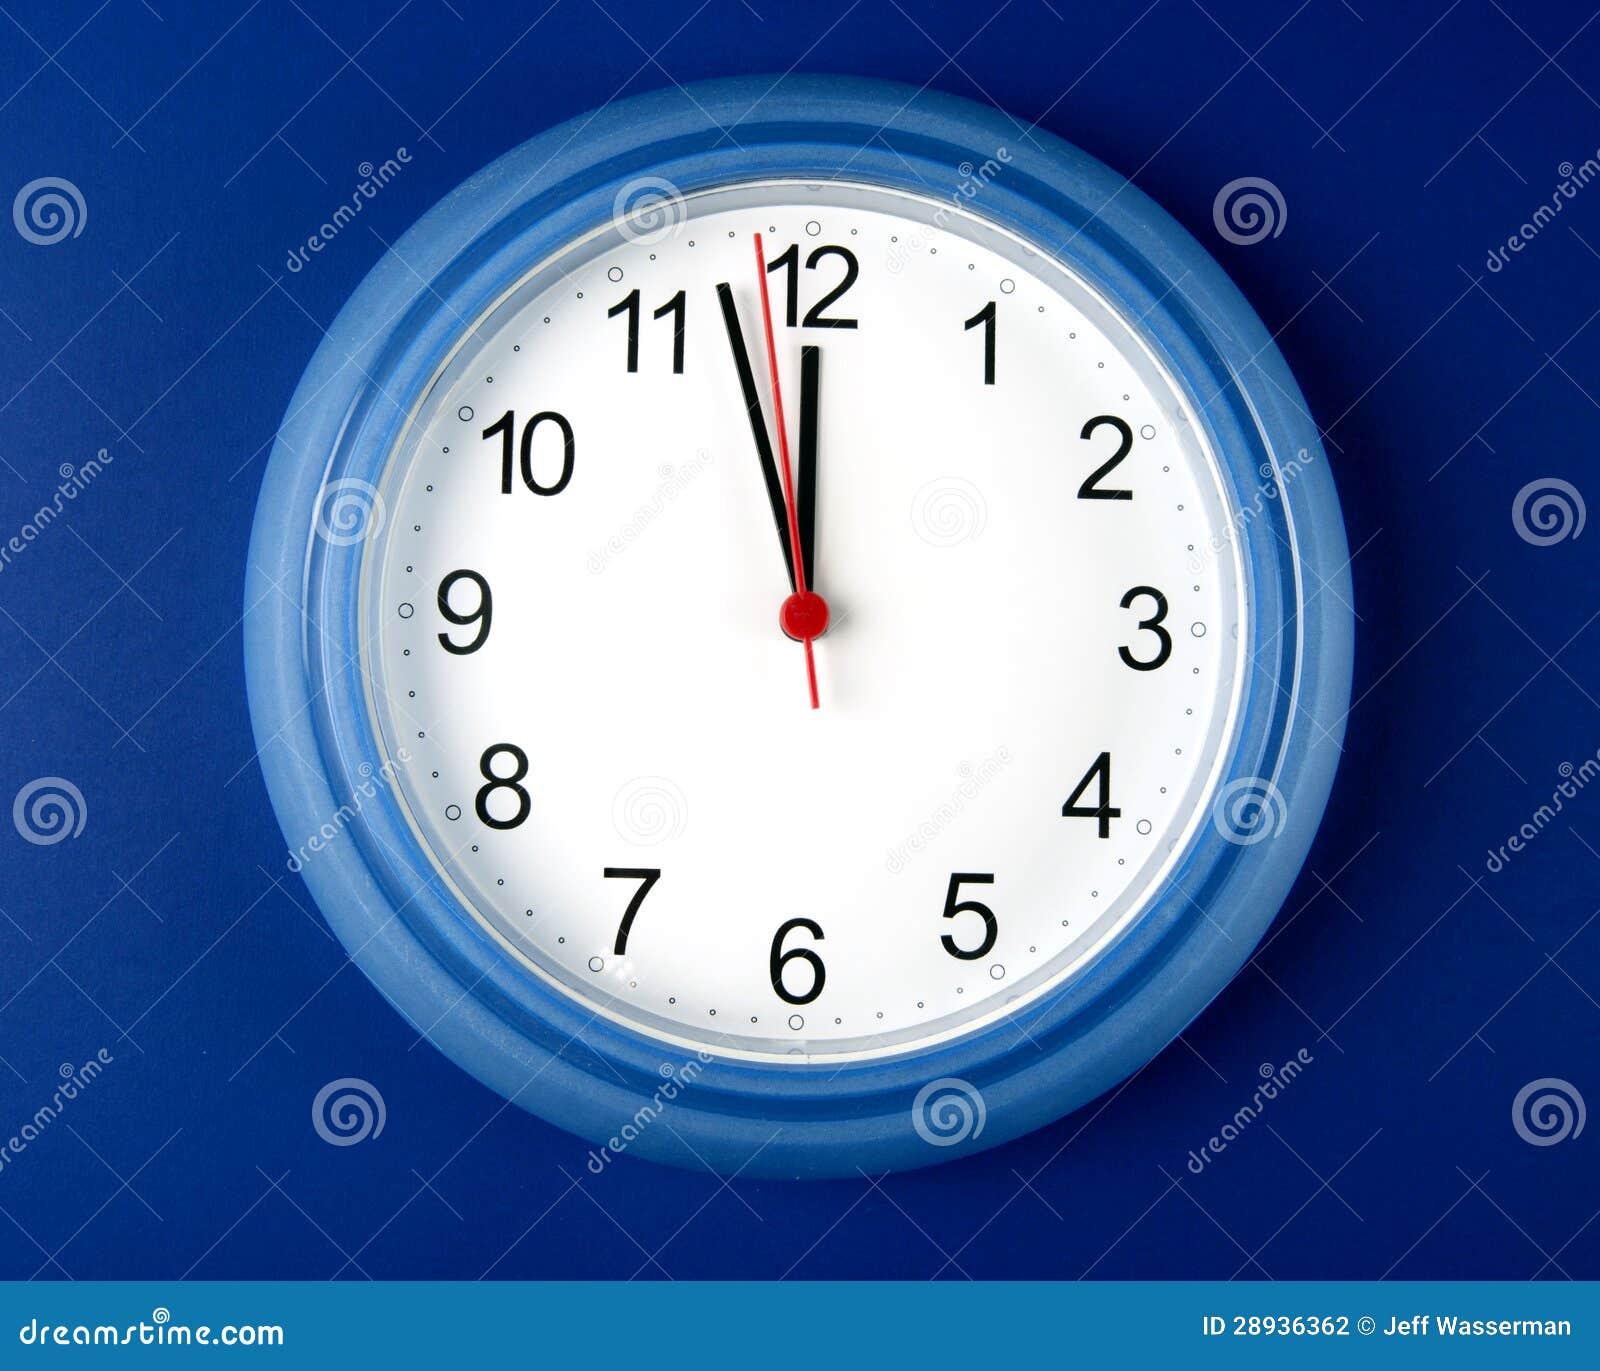 Registre alrededor para golpear medianoche o mediodía en fondo azul